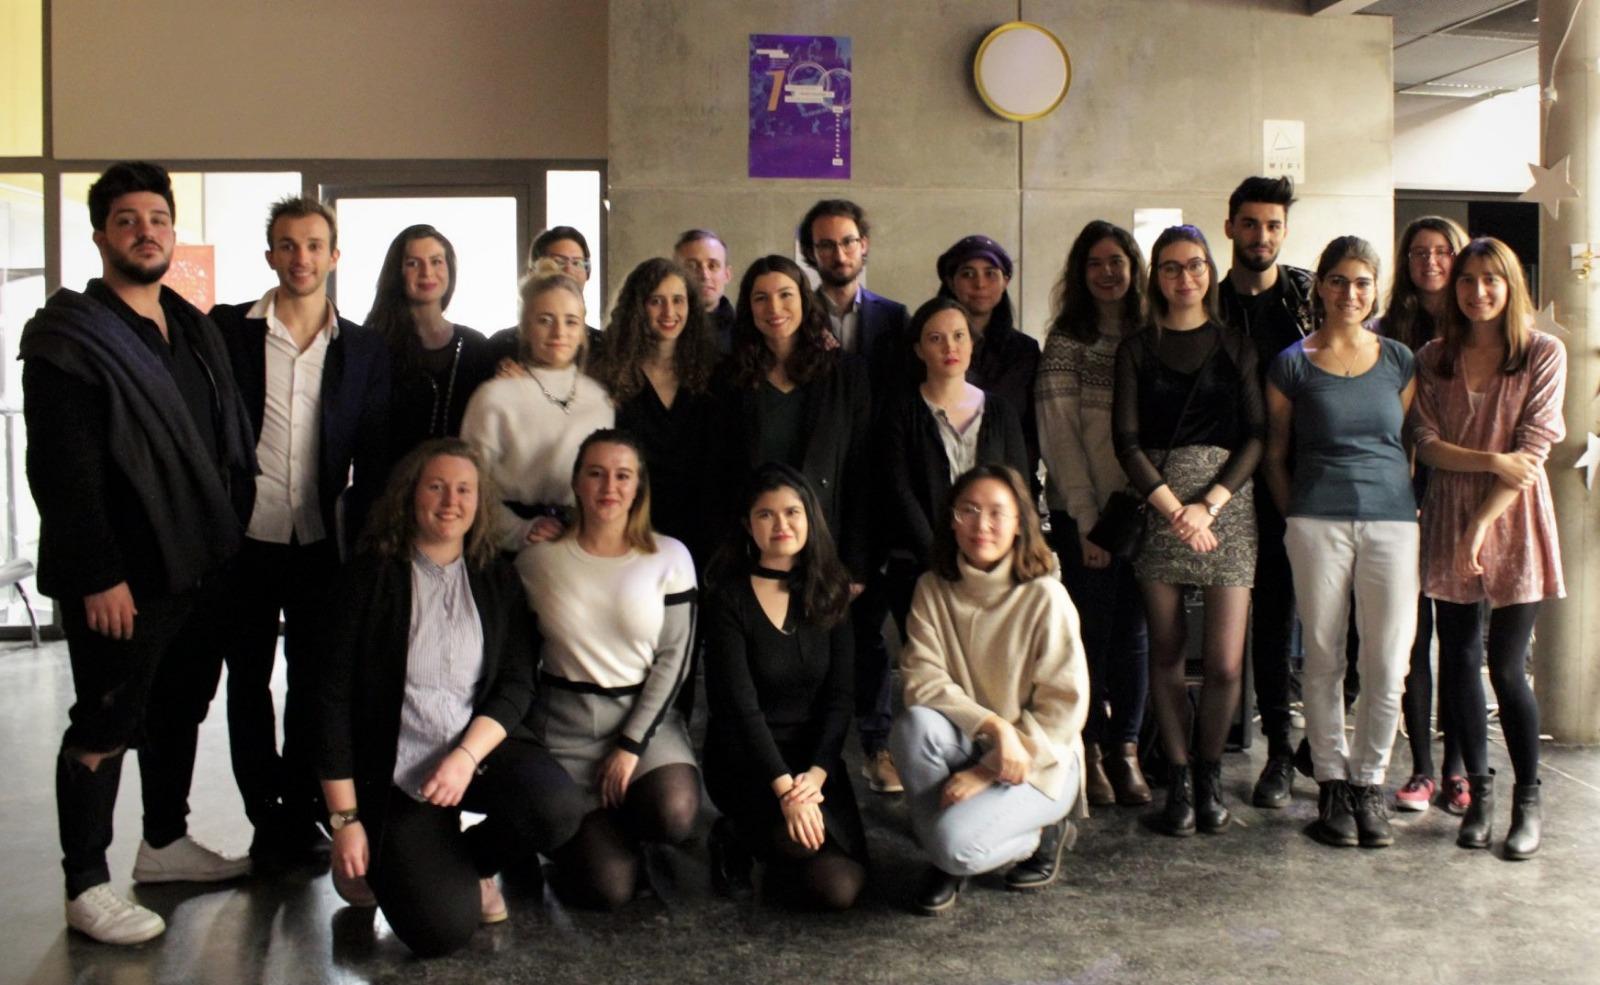 Concert de la Chorale Harmonie internationale de l'Université de Strasbourg et de la Chorale russe du Conseil de l'Europe